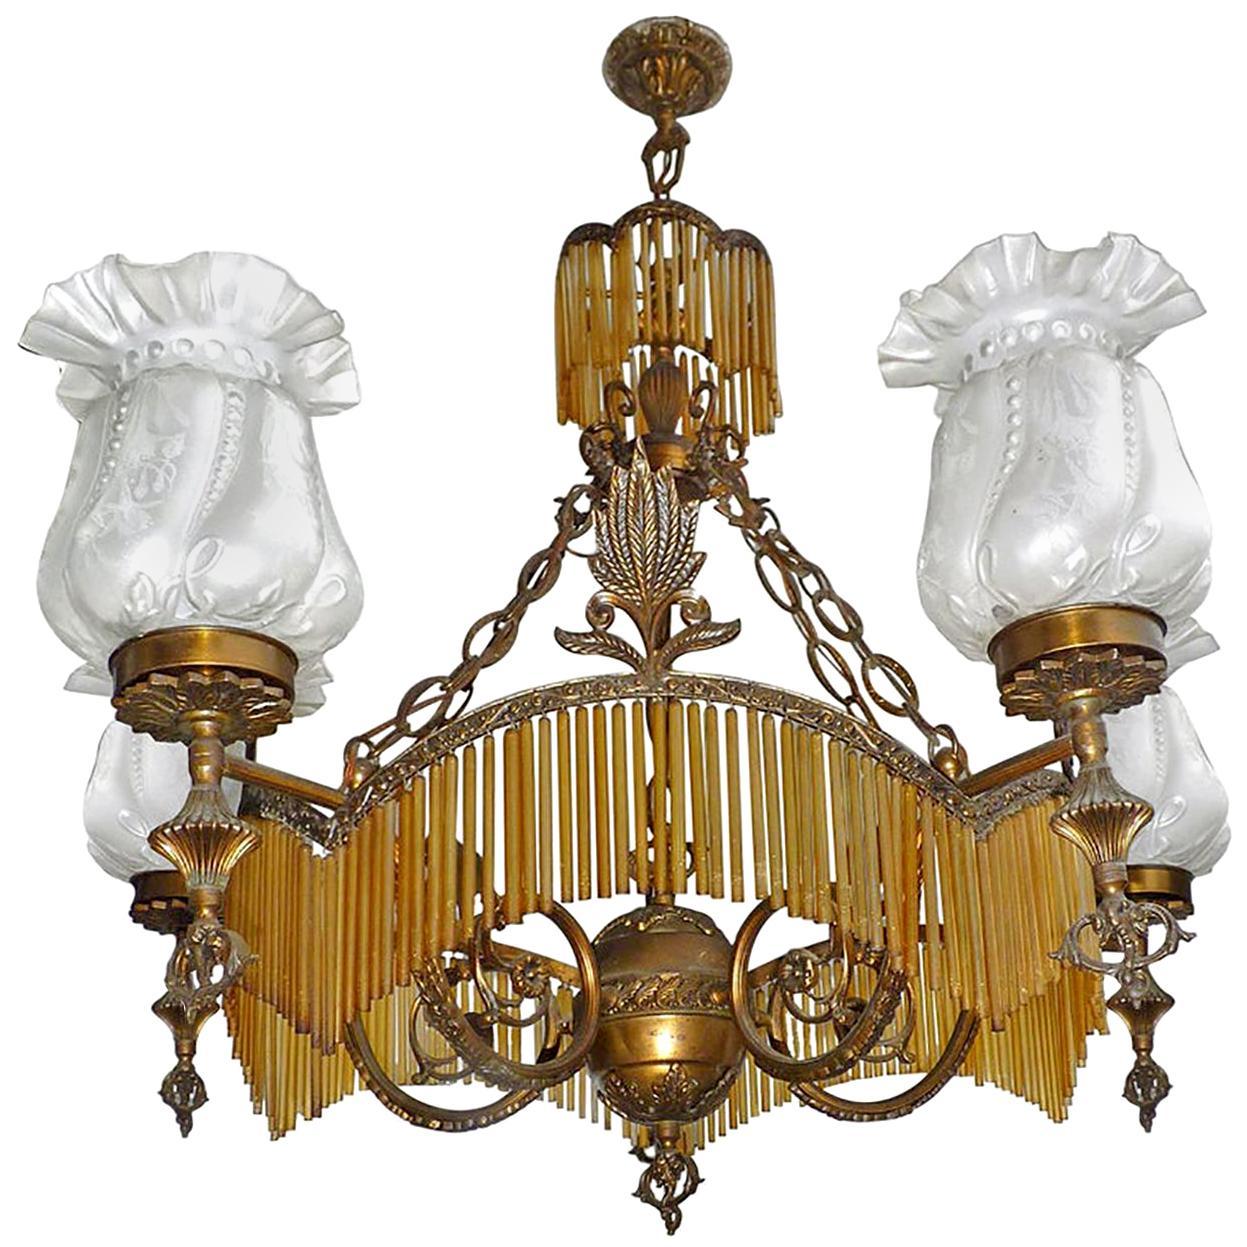 Large French Art Deco or Nouveau Amber Glass Fringe Hollywood Regency Chandelier